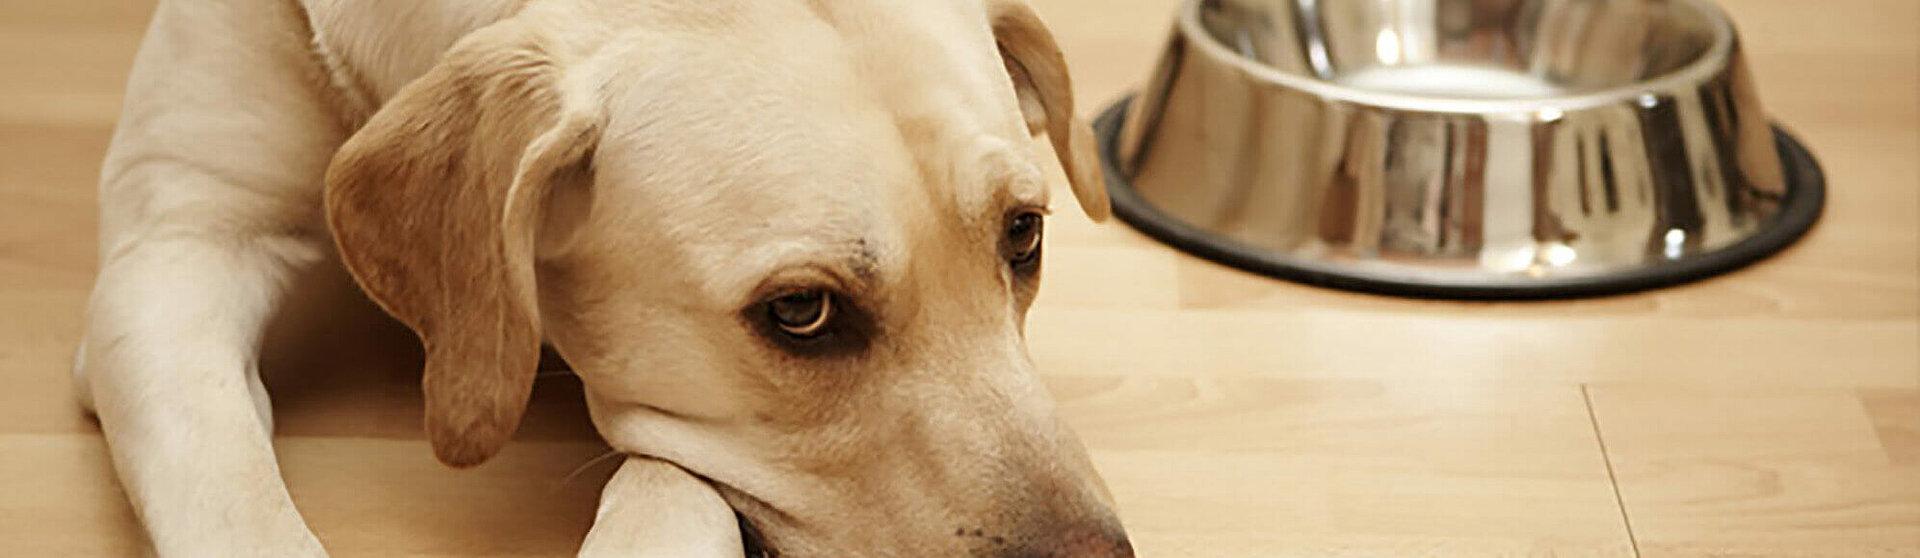 Appetitlosigkeit bei einem an Durchfall und Erbrechen erkrankten Hund.